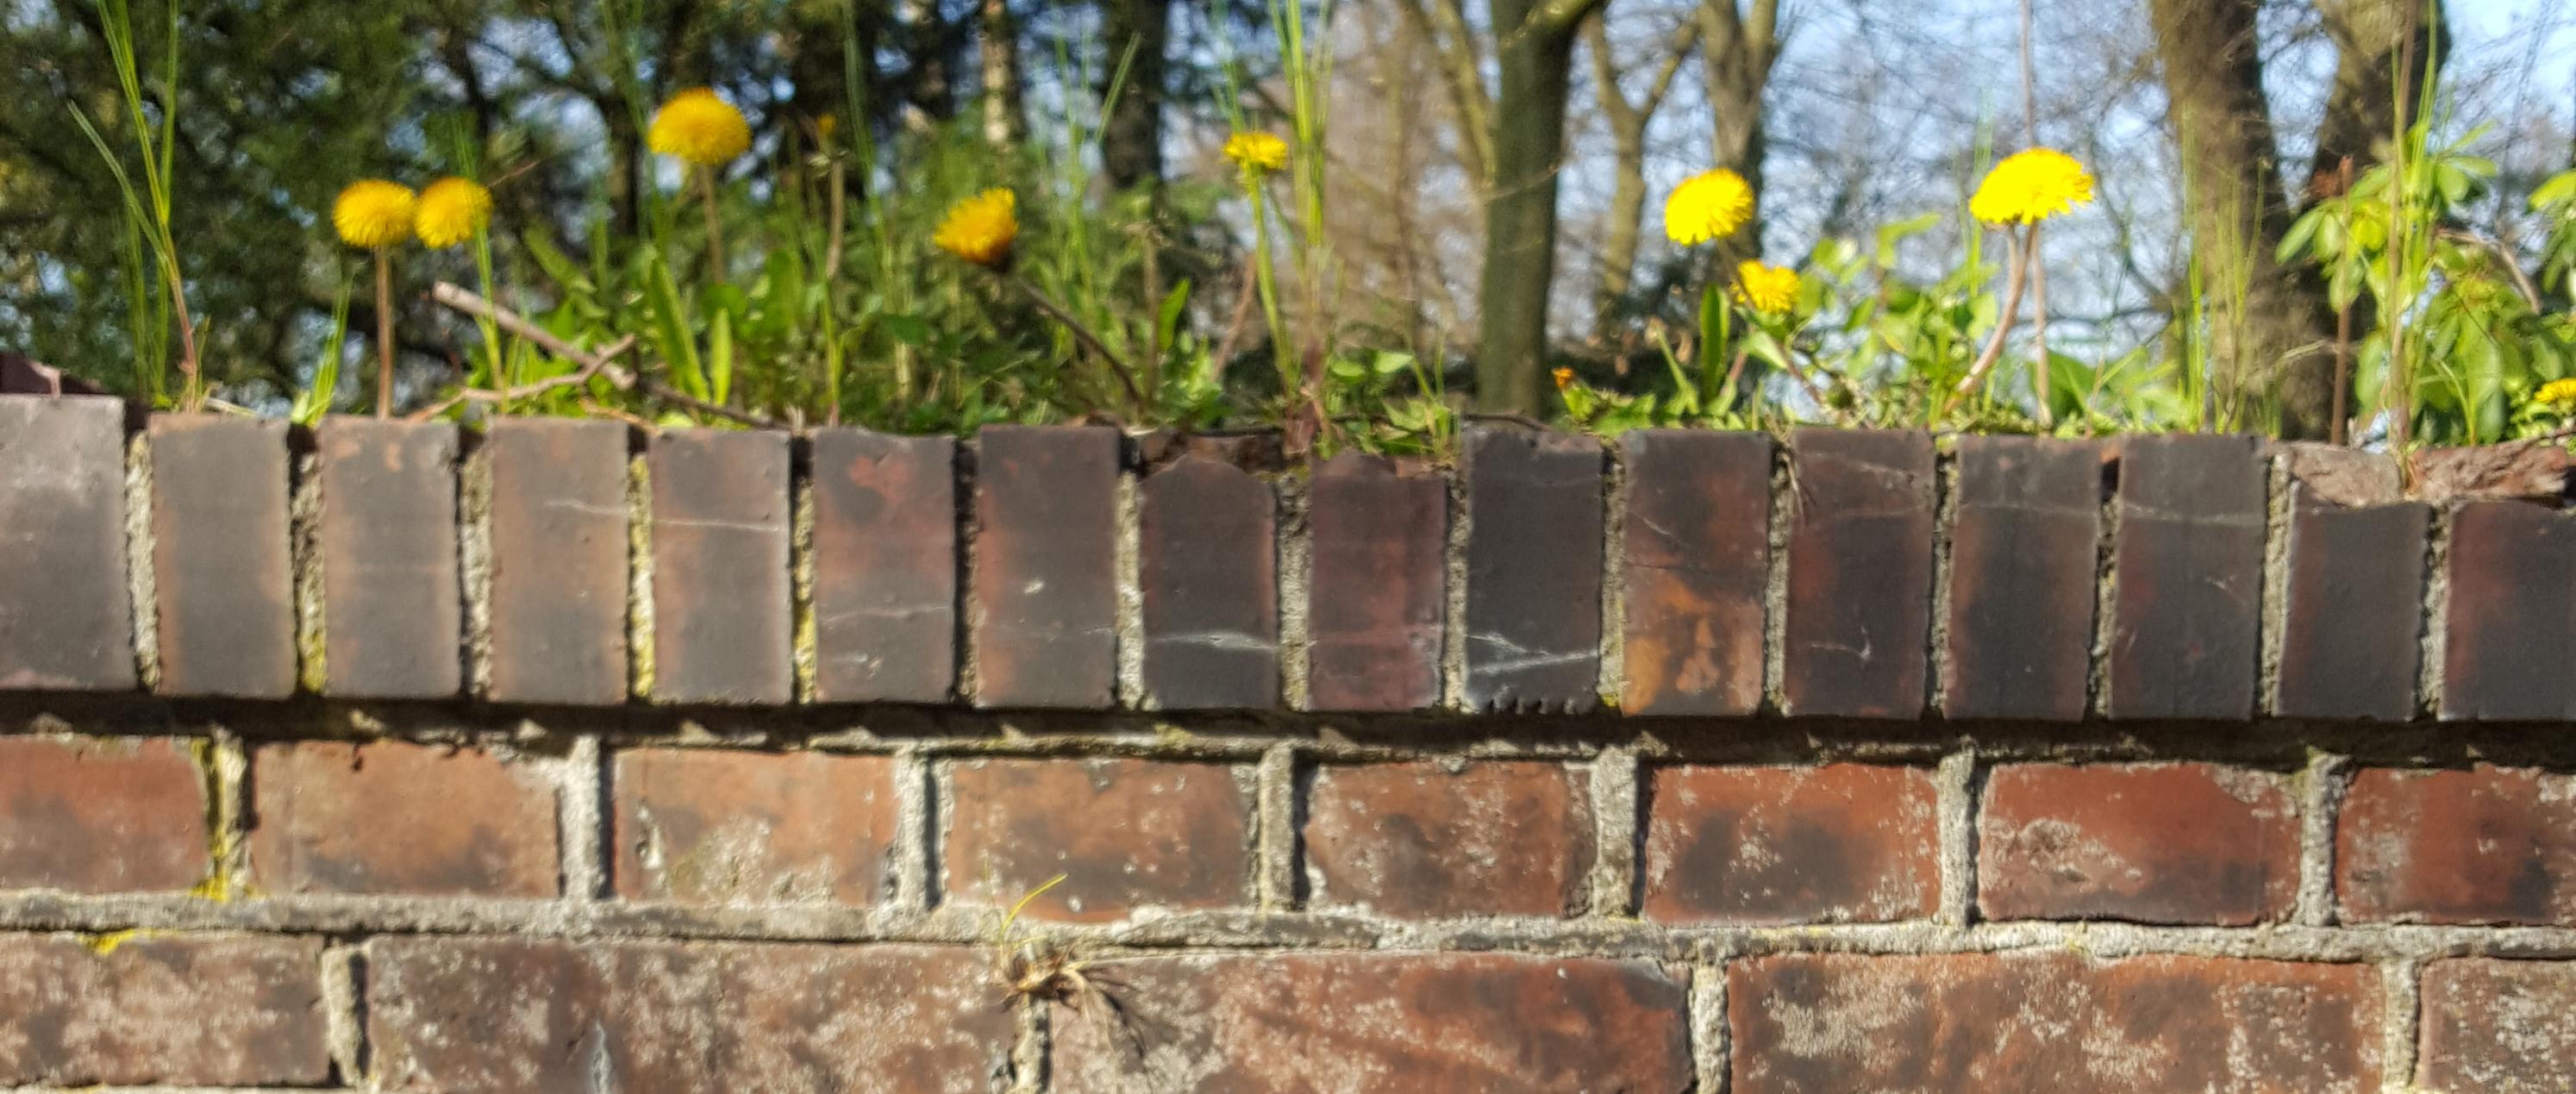 Mauer Blumen